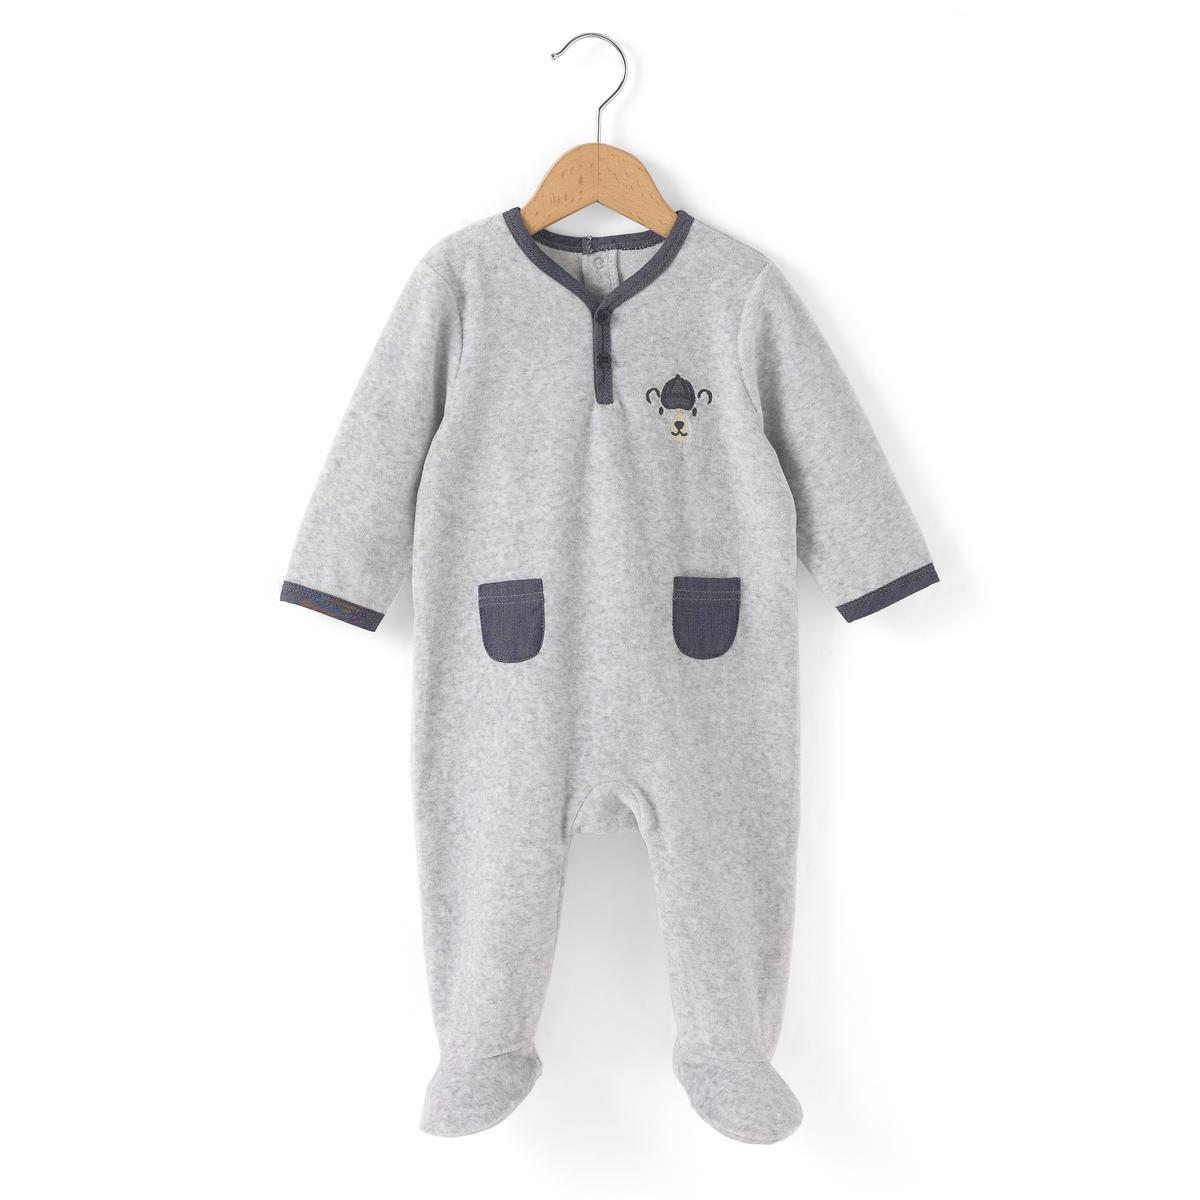 Пижама из велюра 0 мес-3 лет